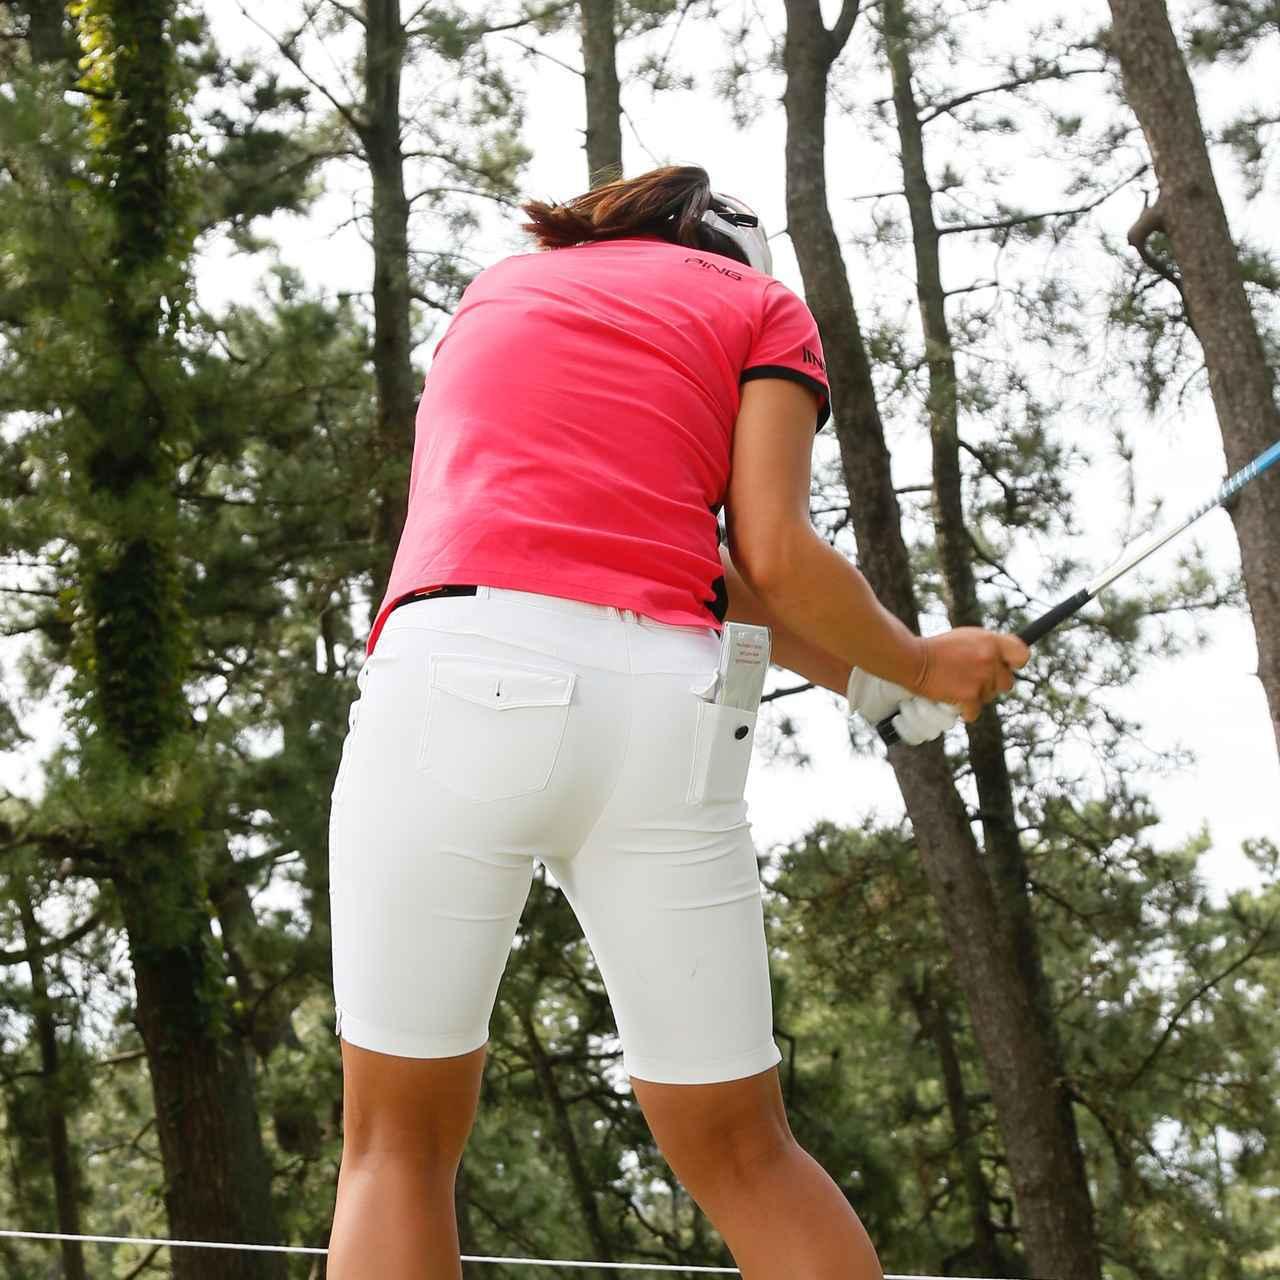 画像: お尻のチカラを感じたゾ! ゴルフバカがお尻を意識した下半身リードをやってみた - みんなのゴルフダイジェスト